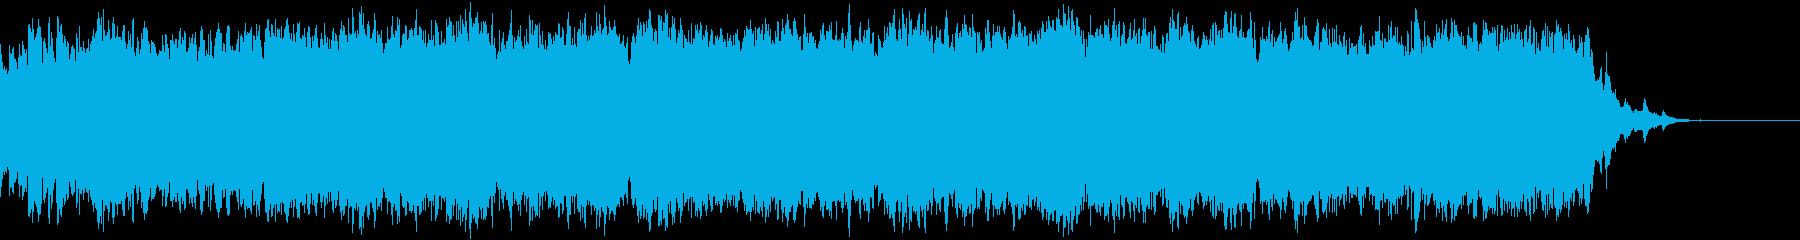 感動シーンの再生済みの波形